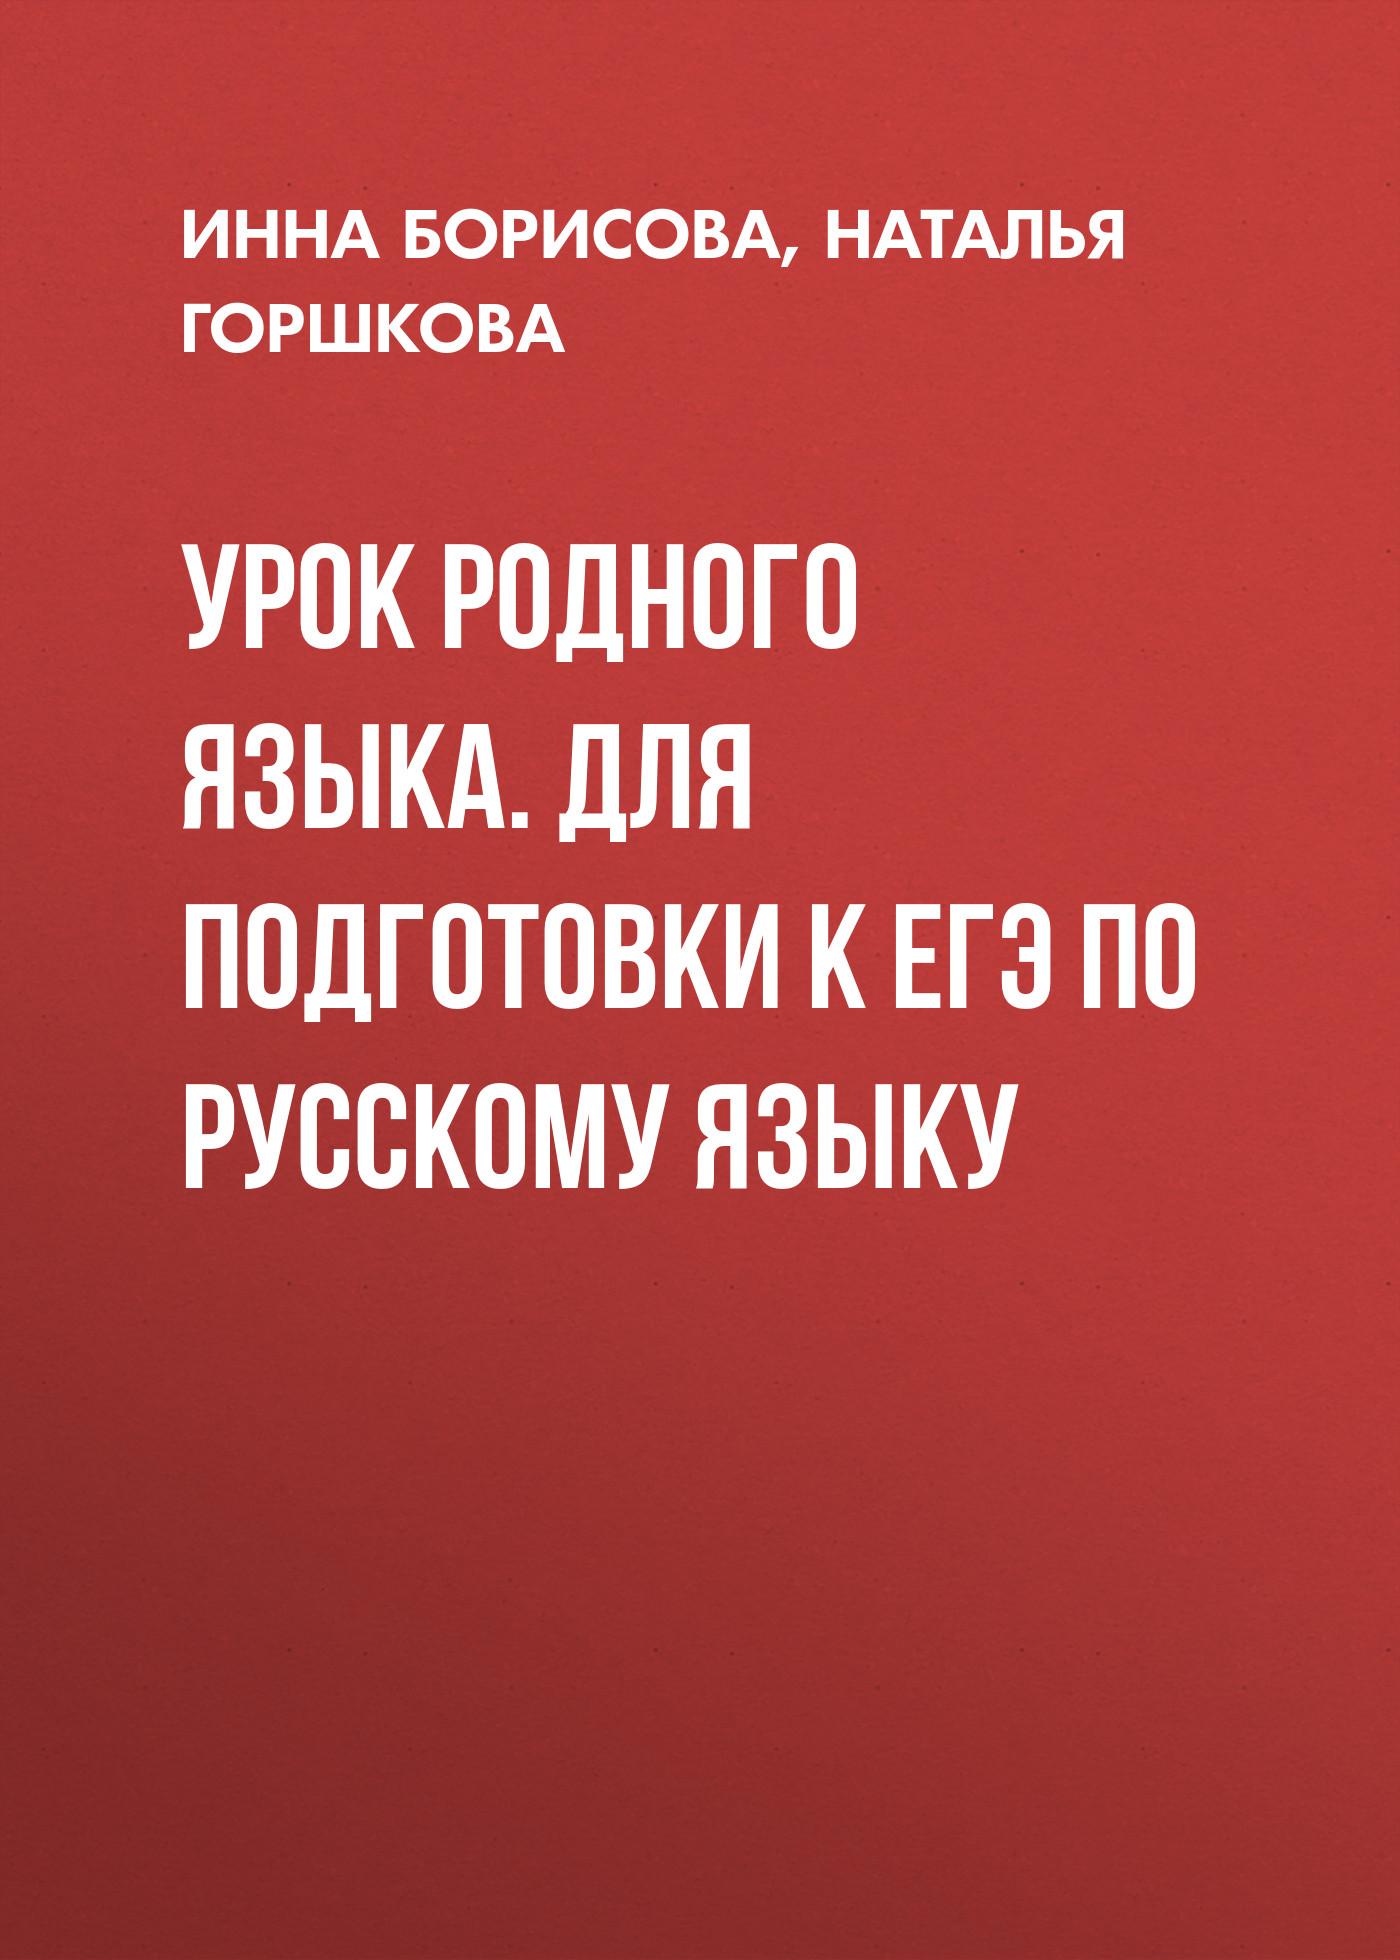 И. В. Борисова Урок родного языка. Для подготовки к ЕГЭ по русскому языку подготовка к егэ по русскому языку часть 1 2 dvd